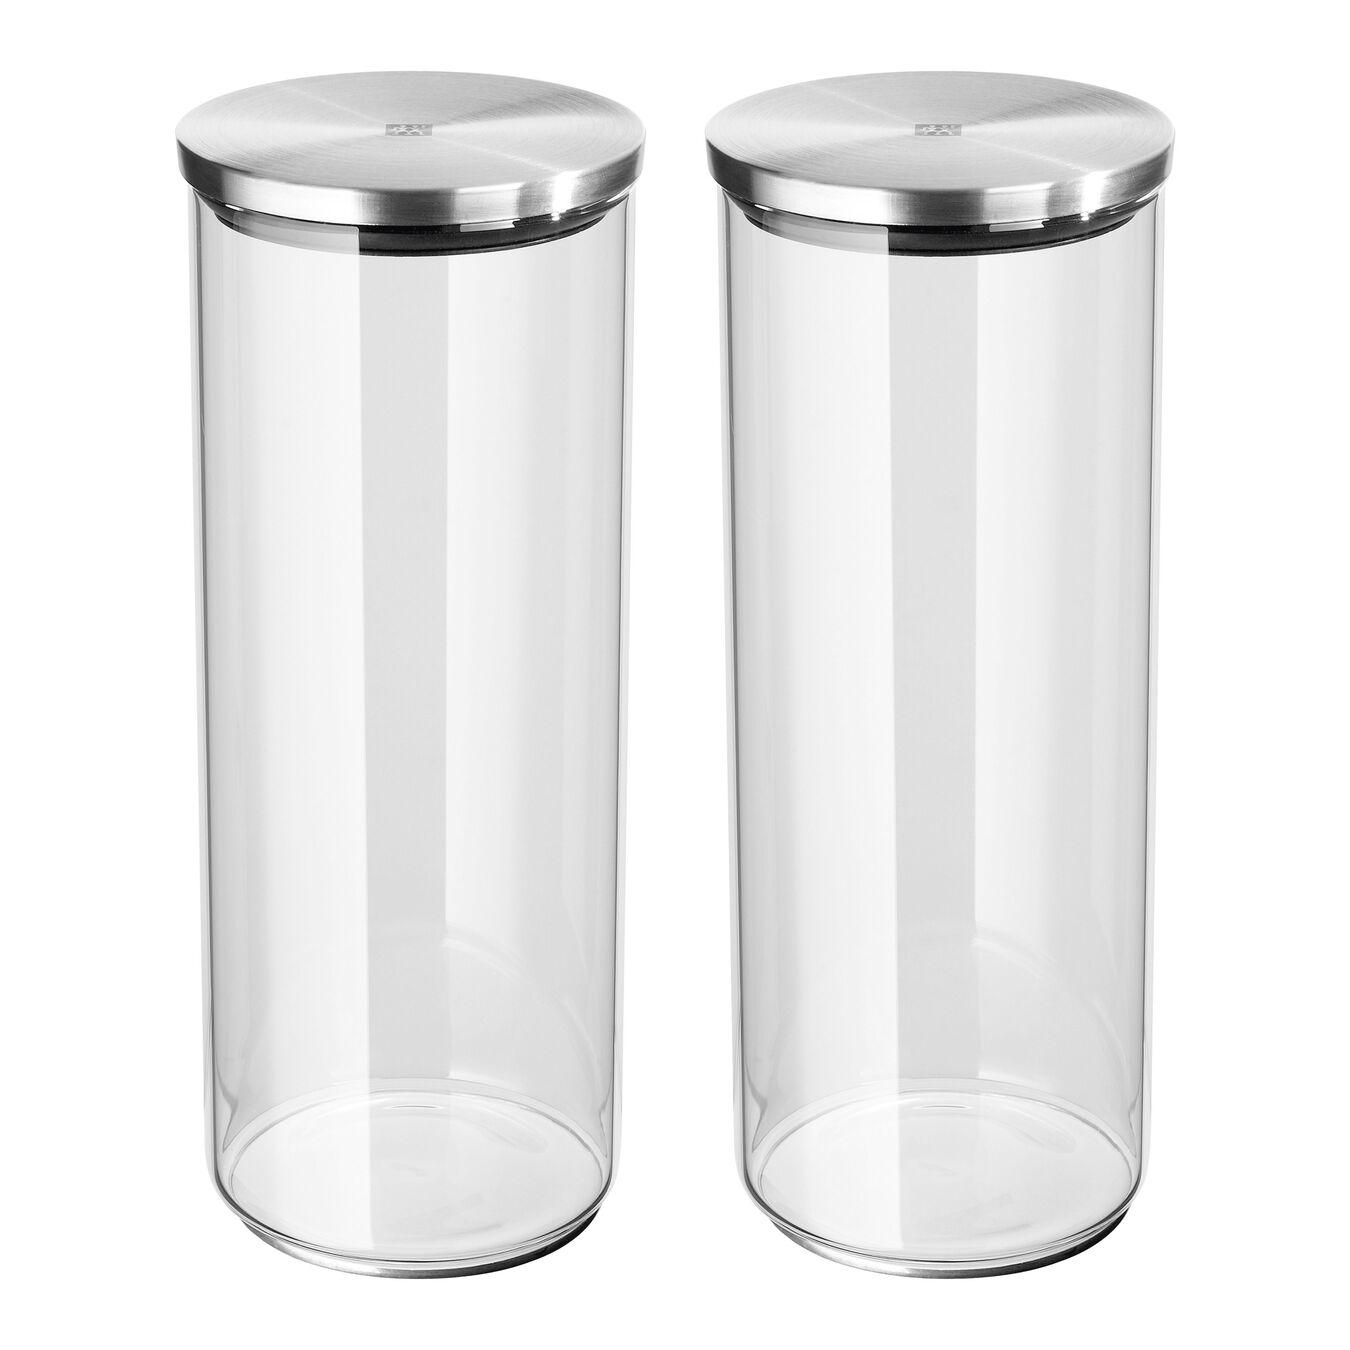 Aufbewahrungsgefäß 1 l, Borosilikatglas,,large 1